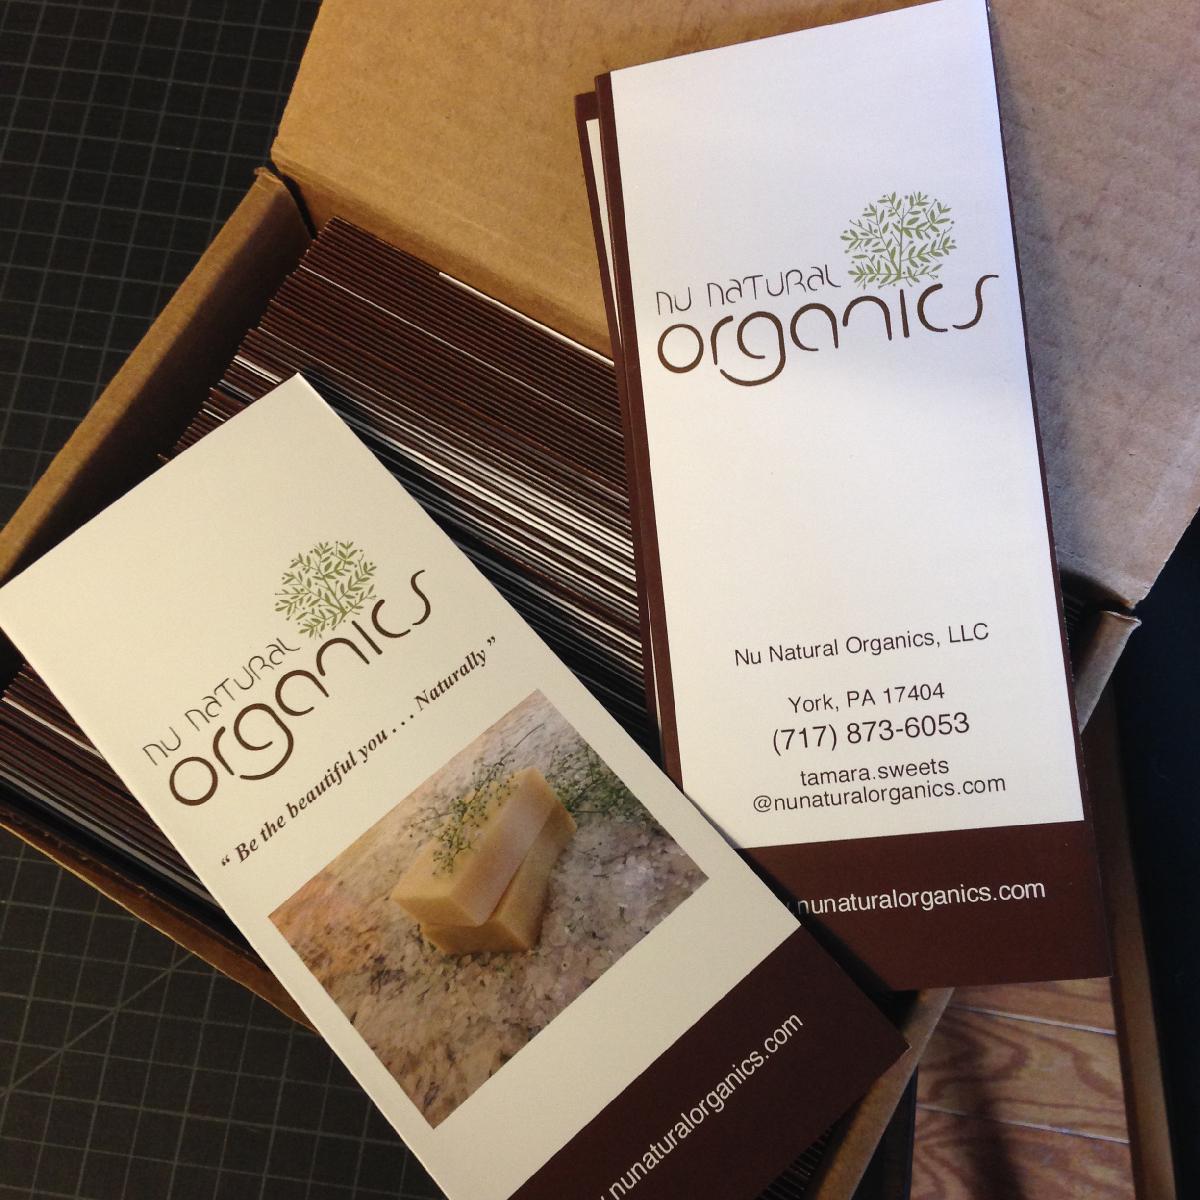 Nu Natural Organics brochure